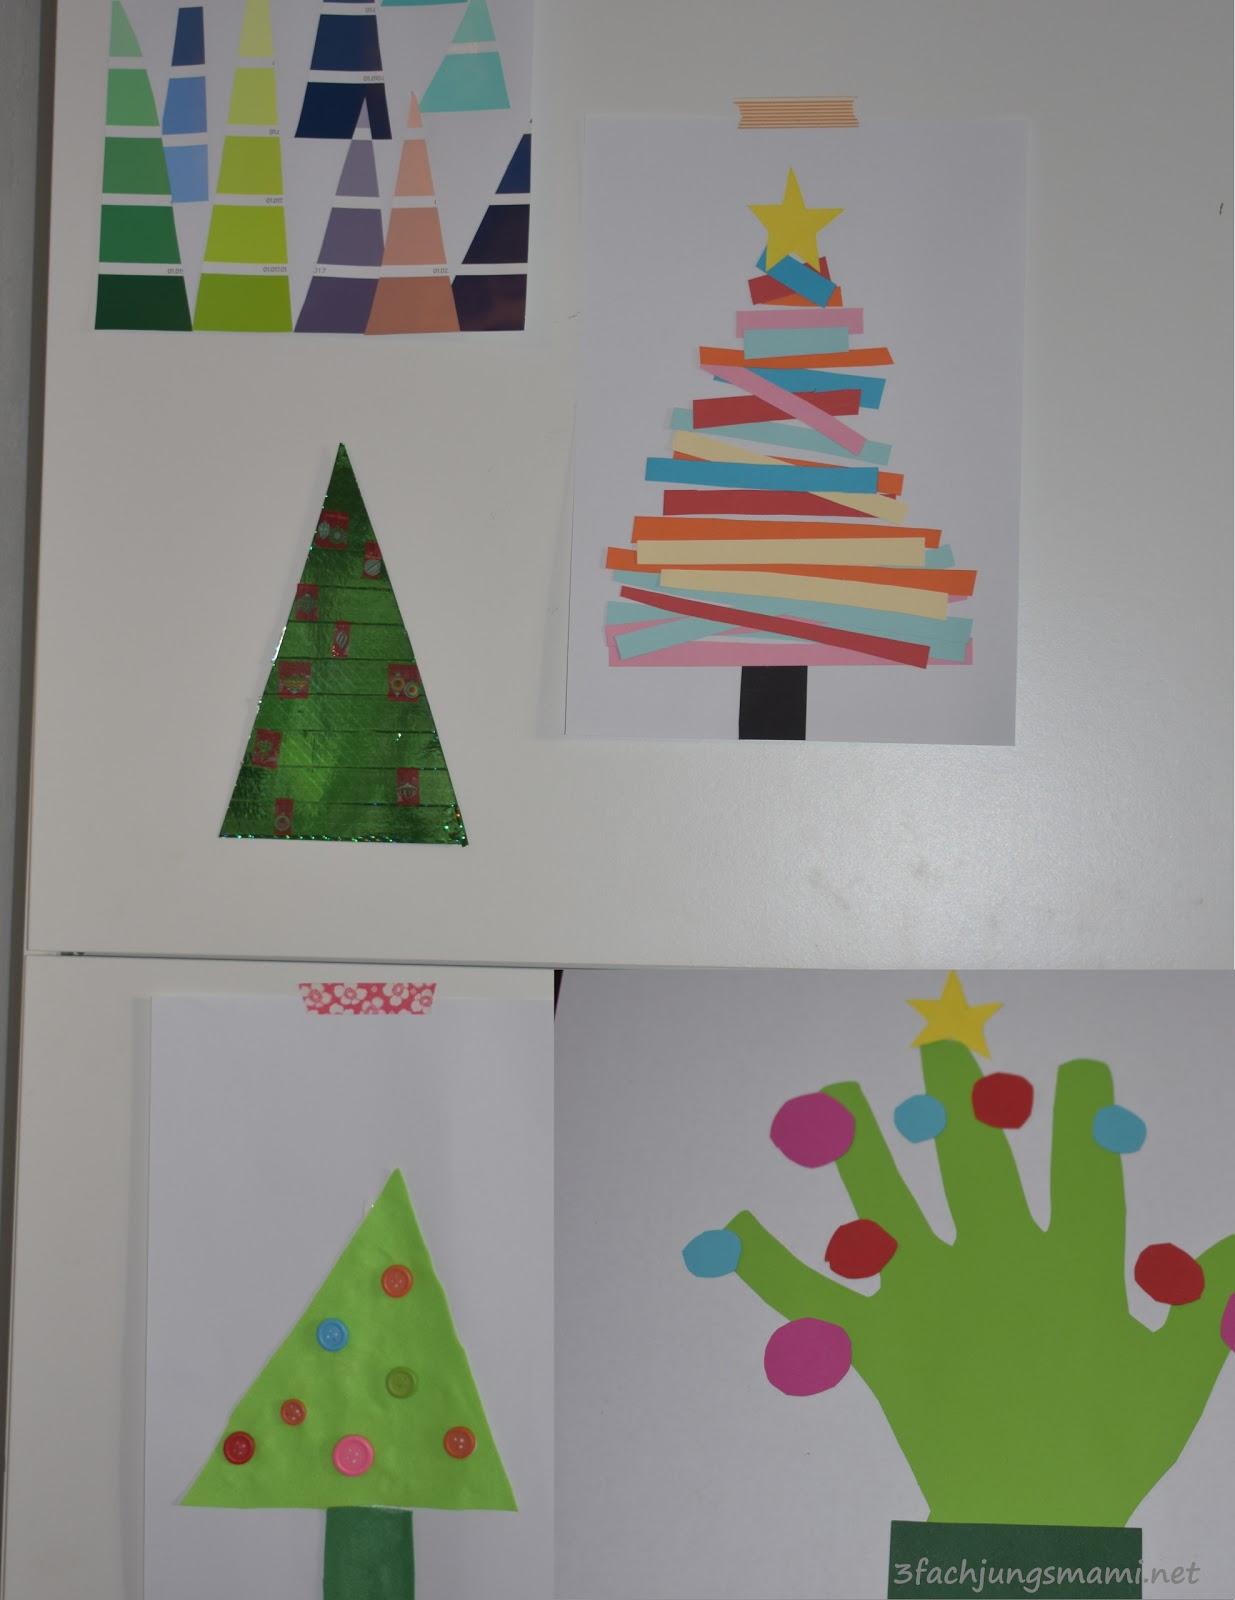 5 Tolle Ideen Um Weihnachtsbäume Mit Kindern Zu Basteln